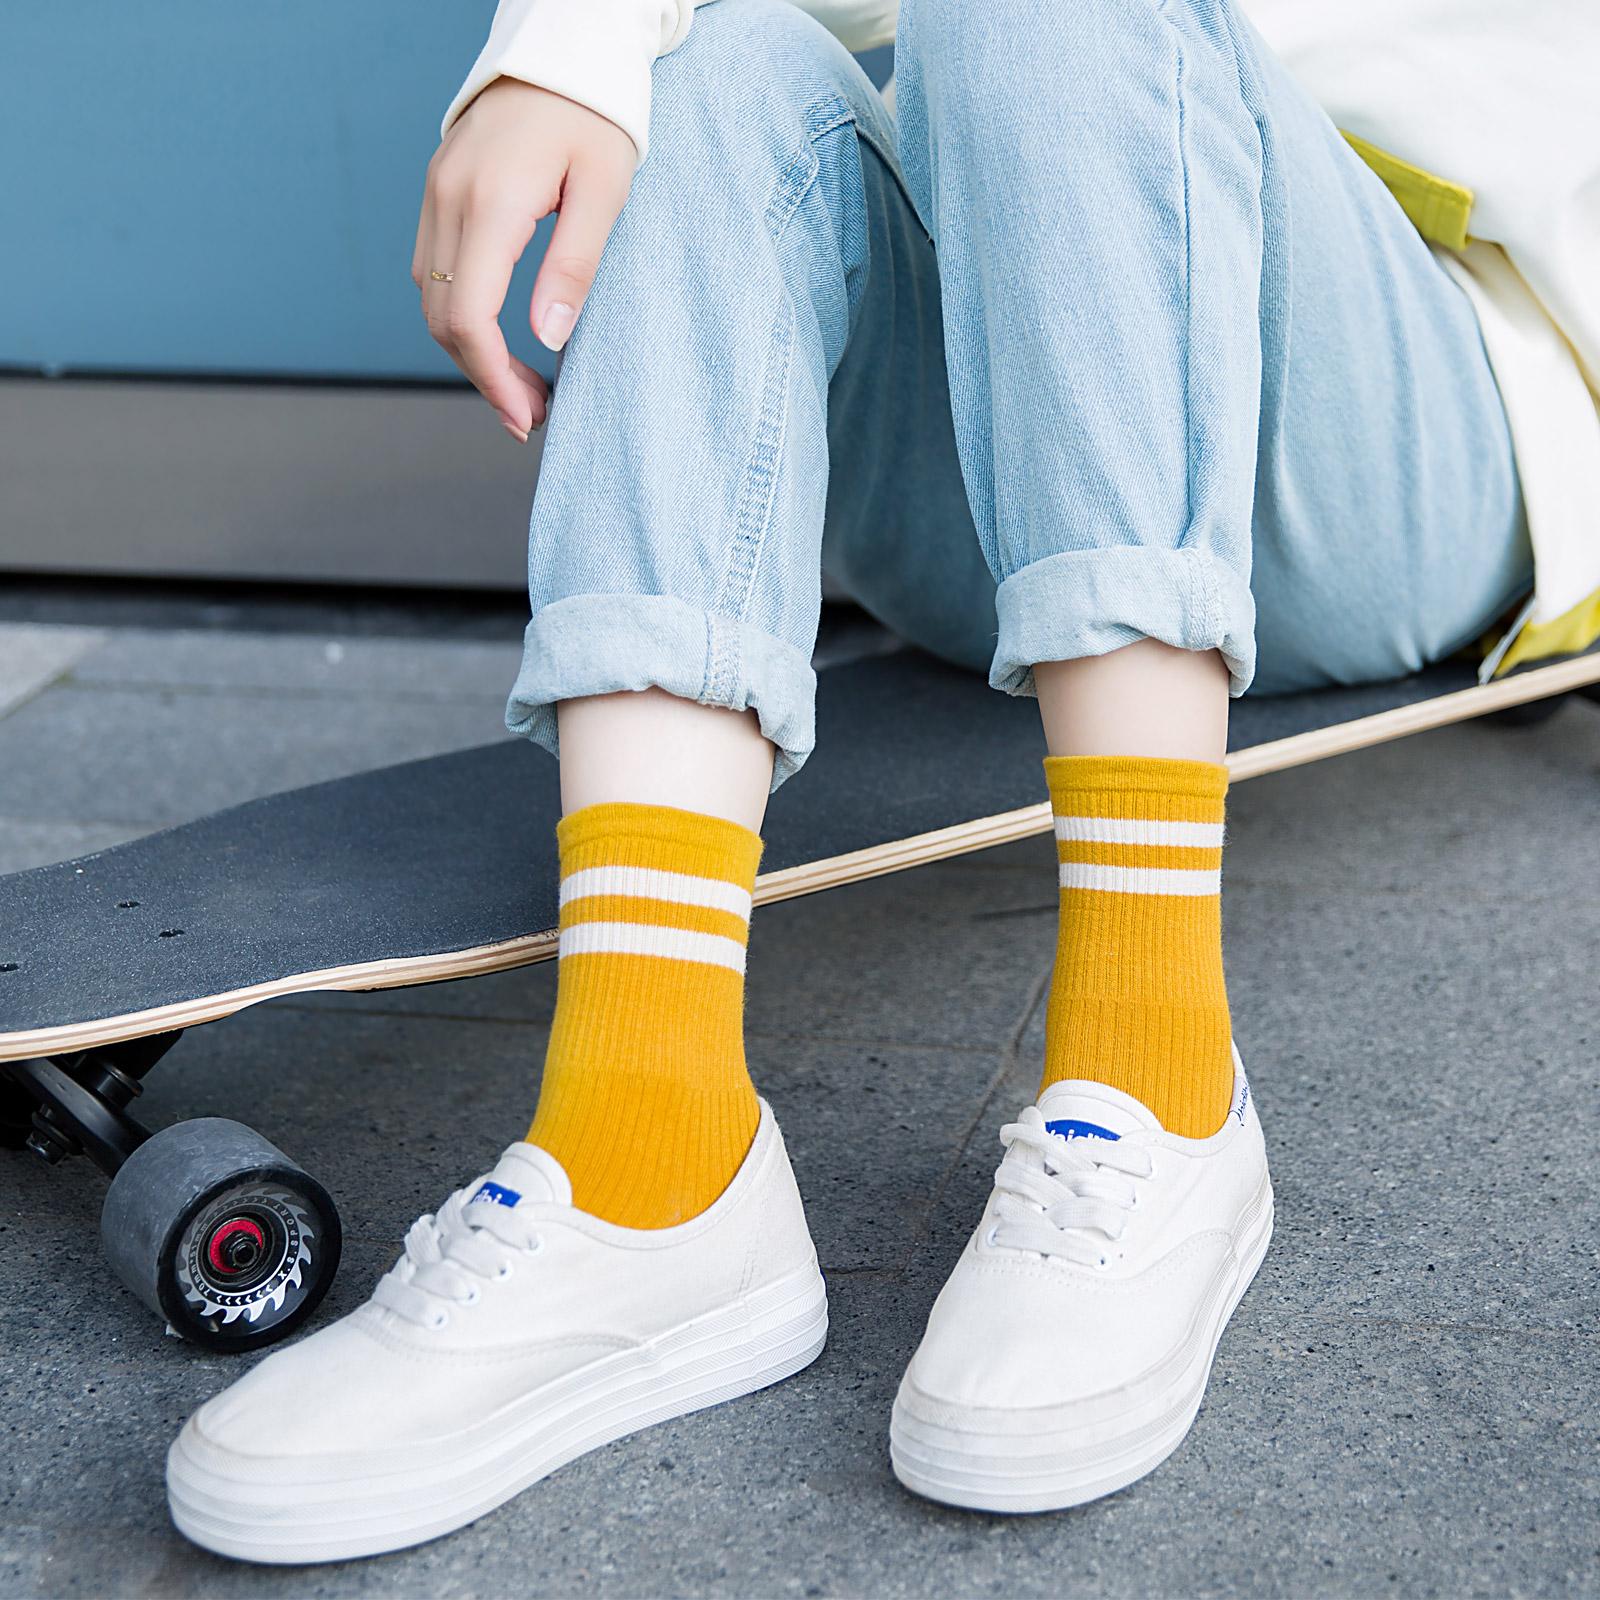 春秋袜子女韩版秋冬中筒袜学院风条纹ins潮日系滑板袜学生长筒袜